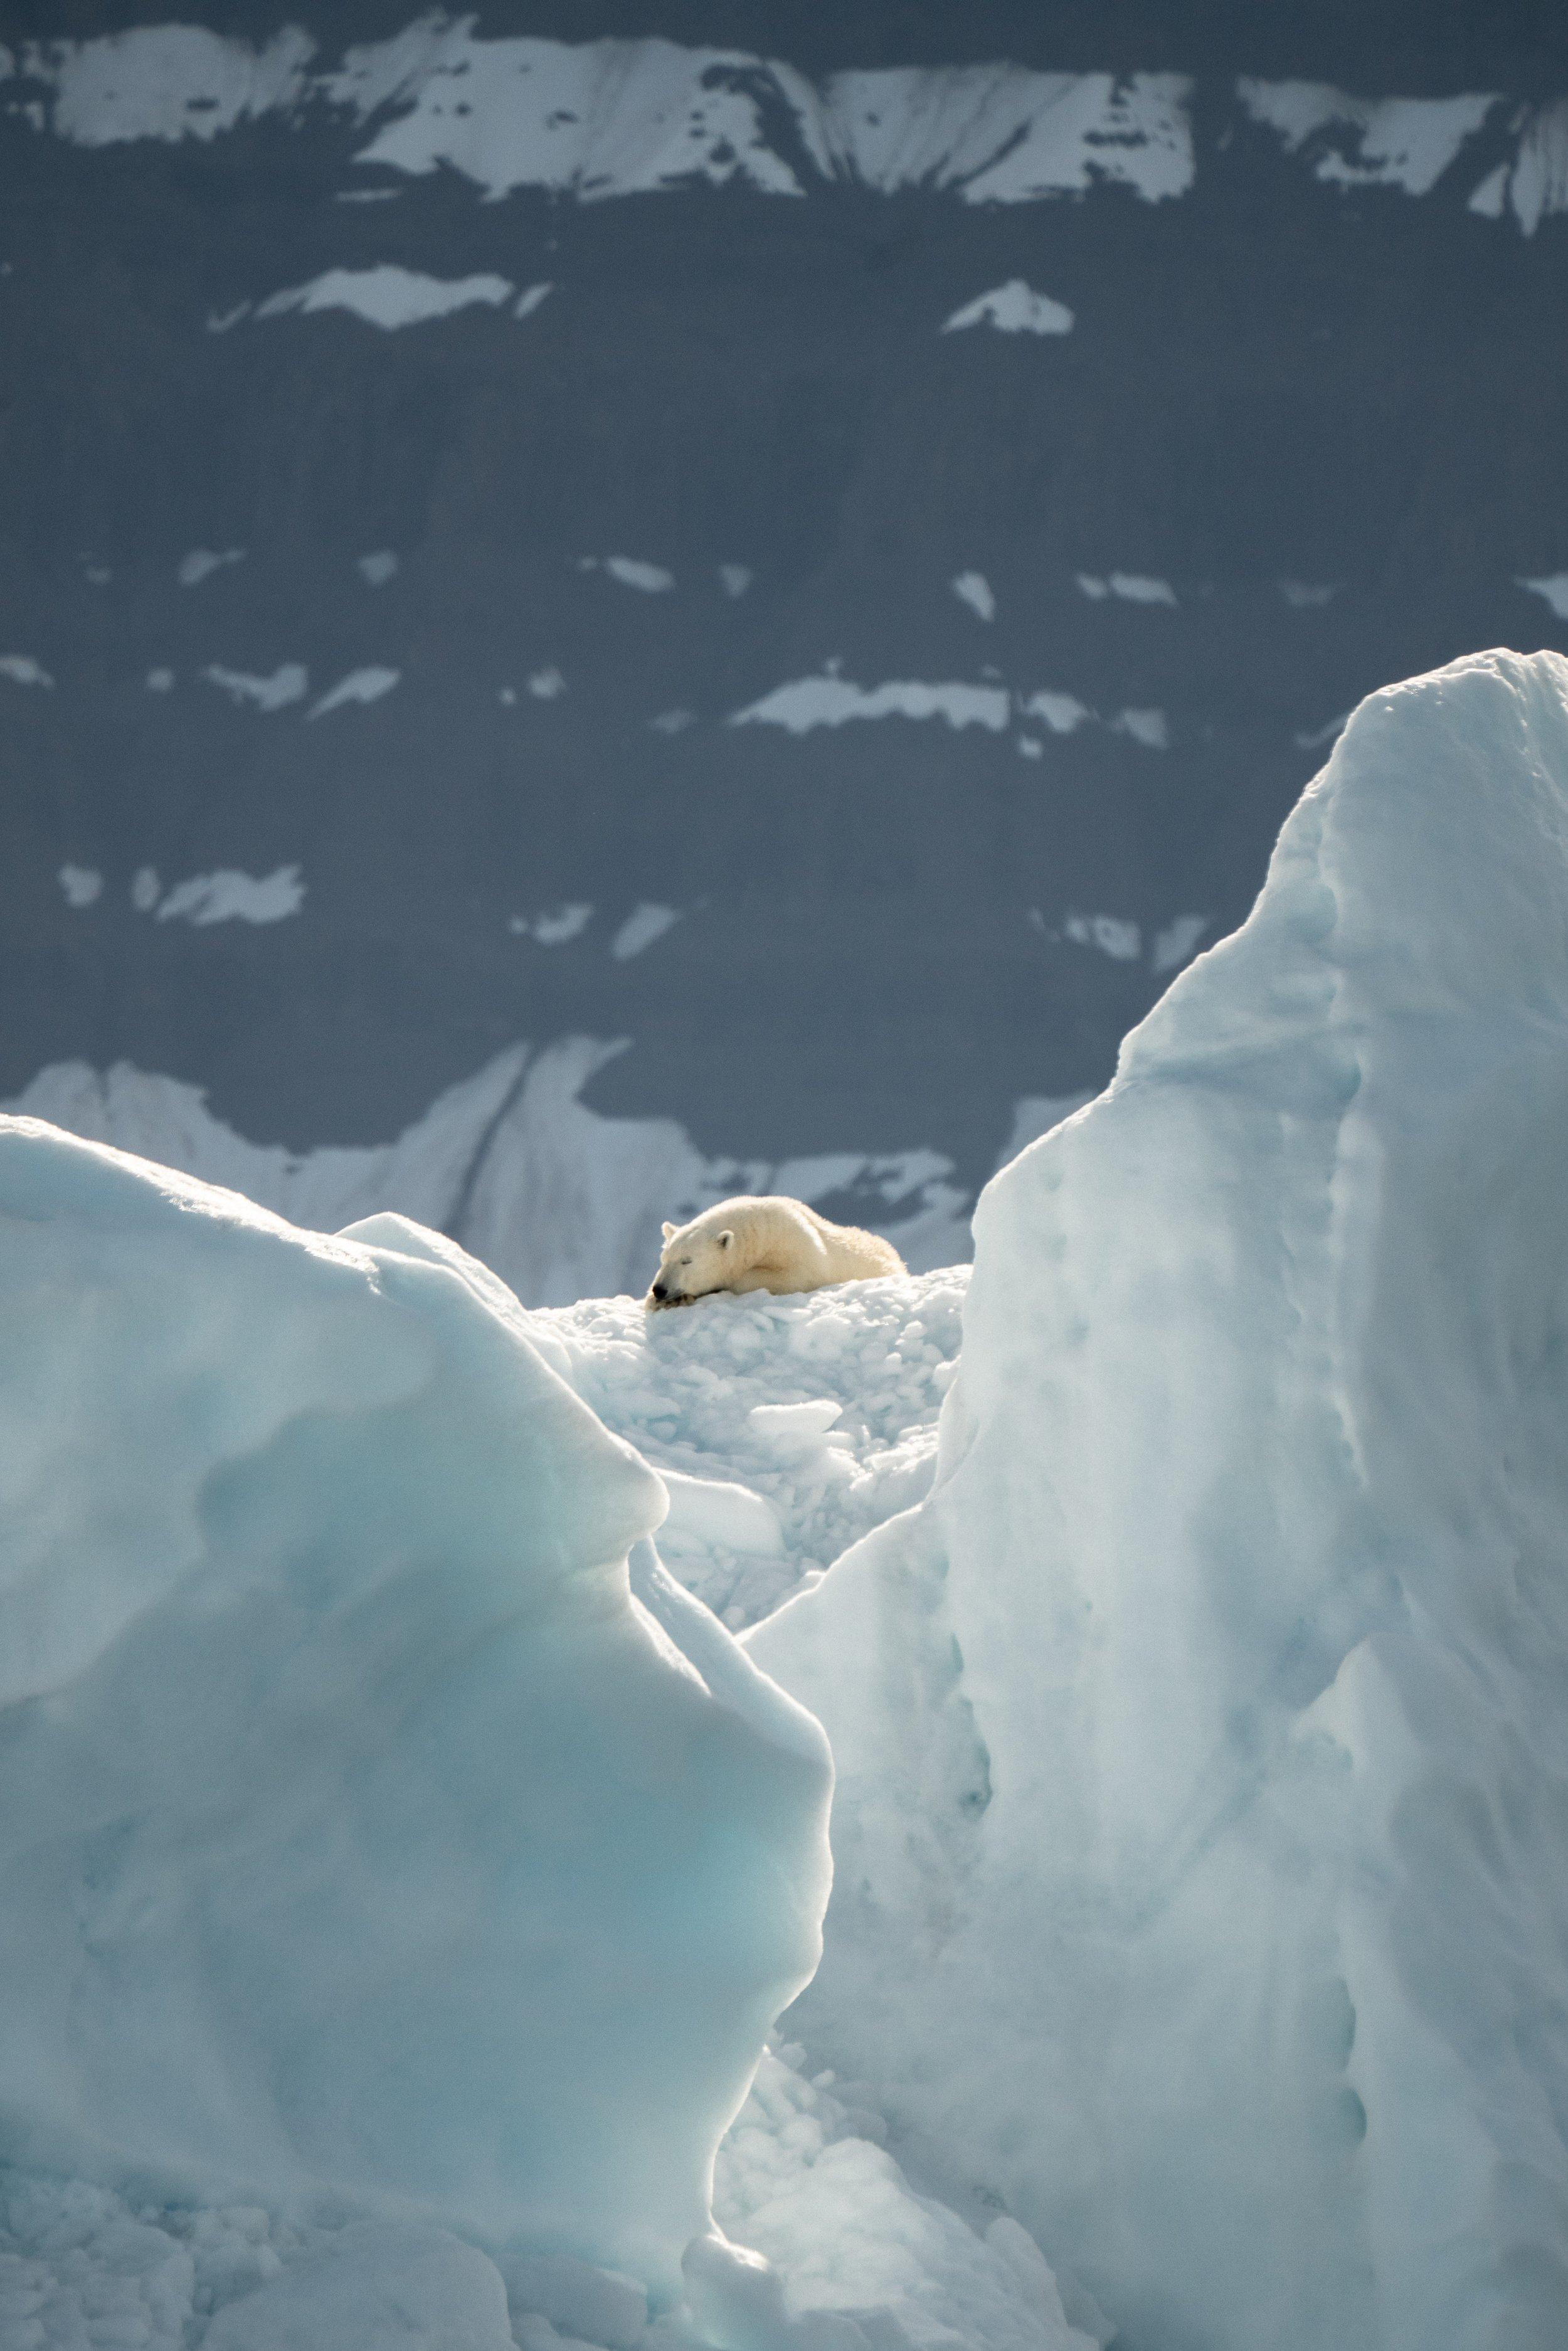 polar bear lying on ice and snow